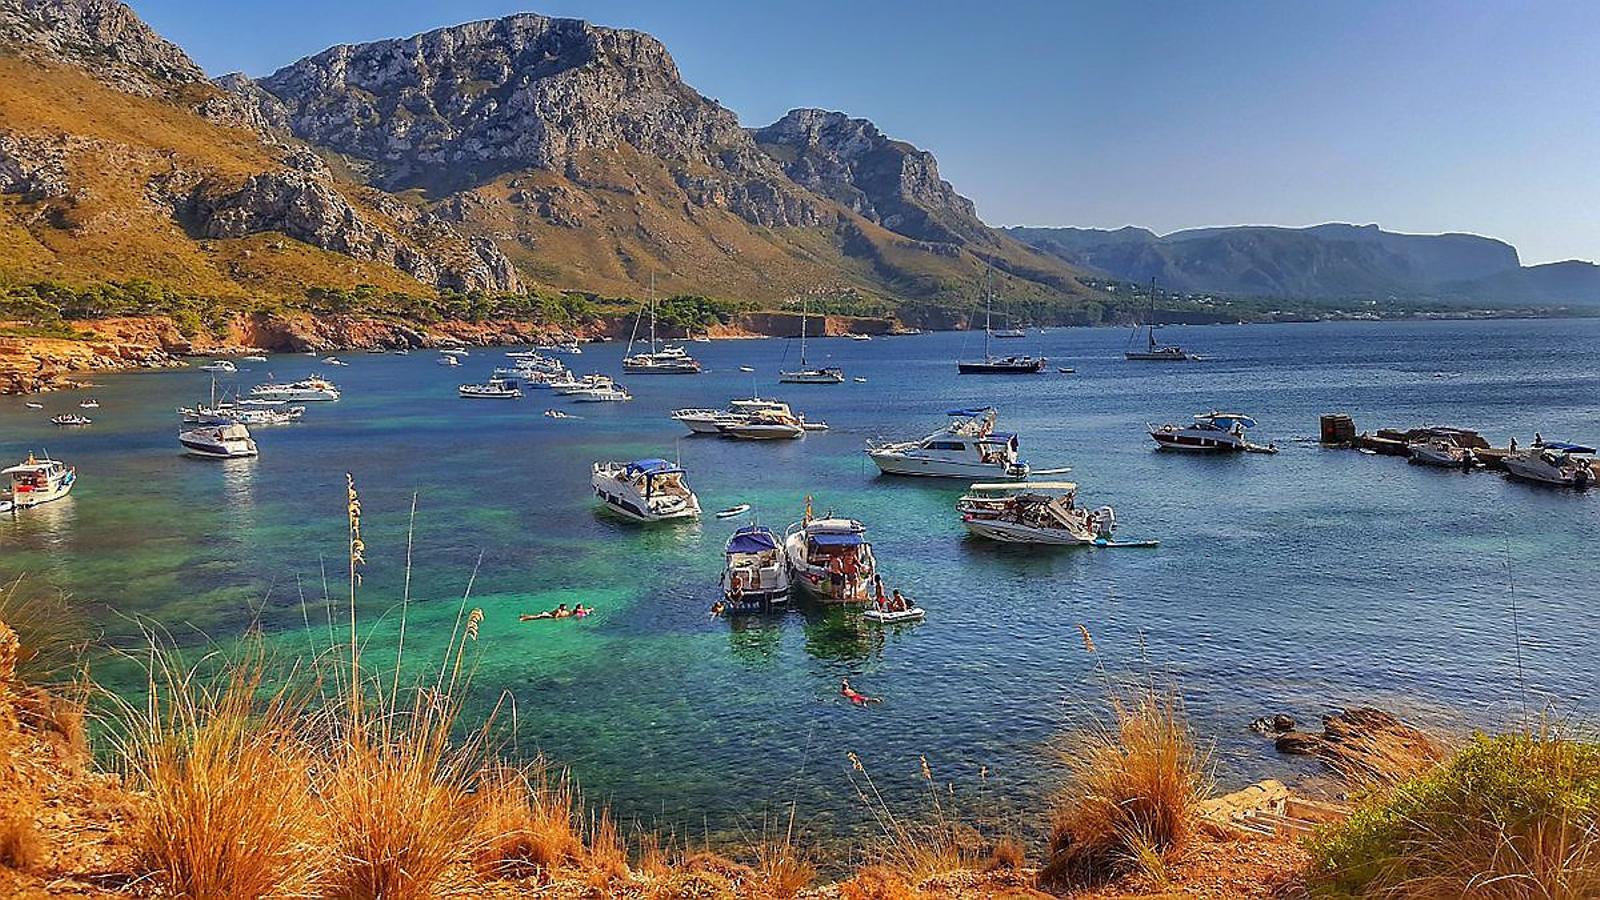 Vaixells fondejats sobre posidònia i dins la Reserva Marina del Llevant de Mallorca.